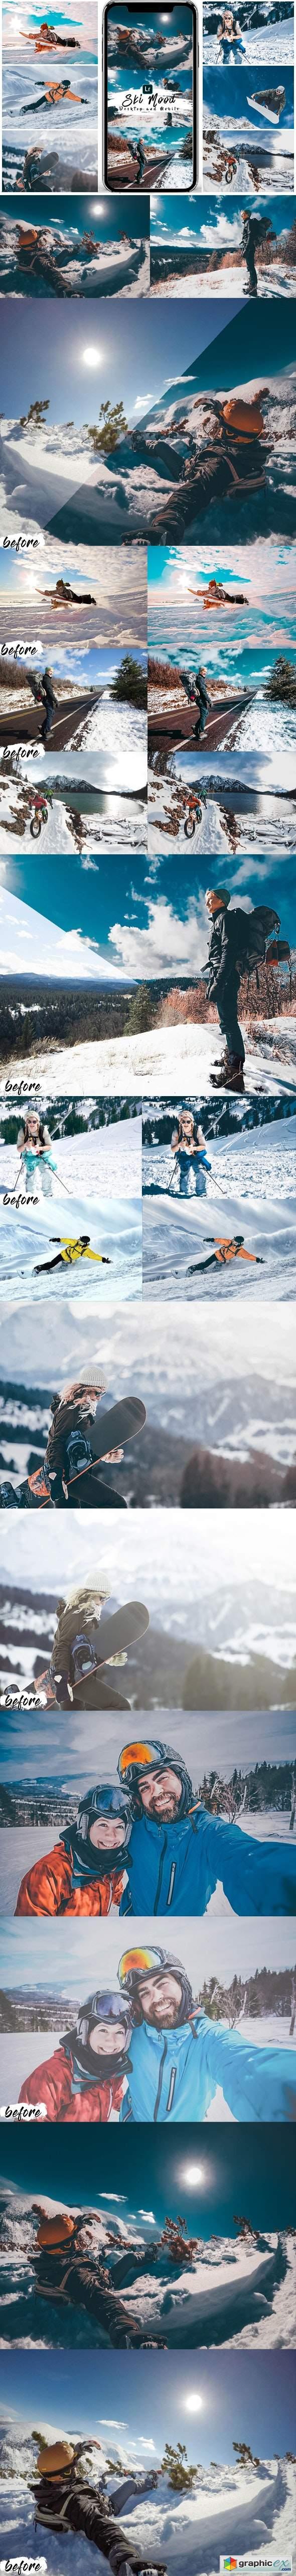 Ski Mood Presets For Mobile and Desktop Lightroom